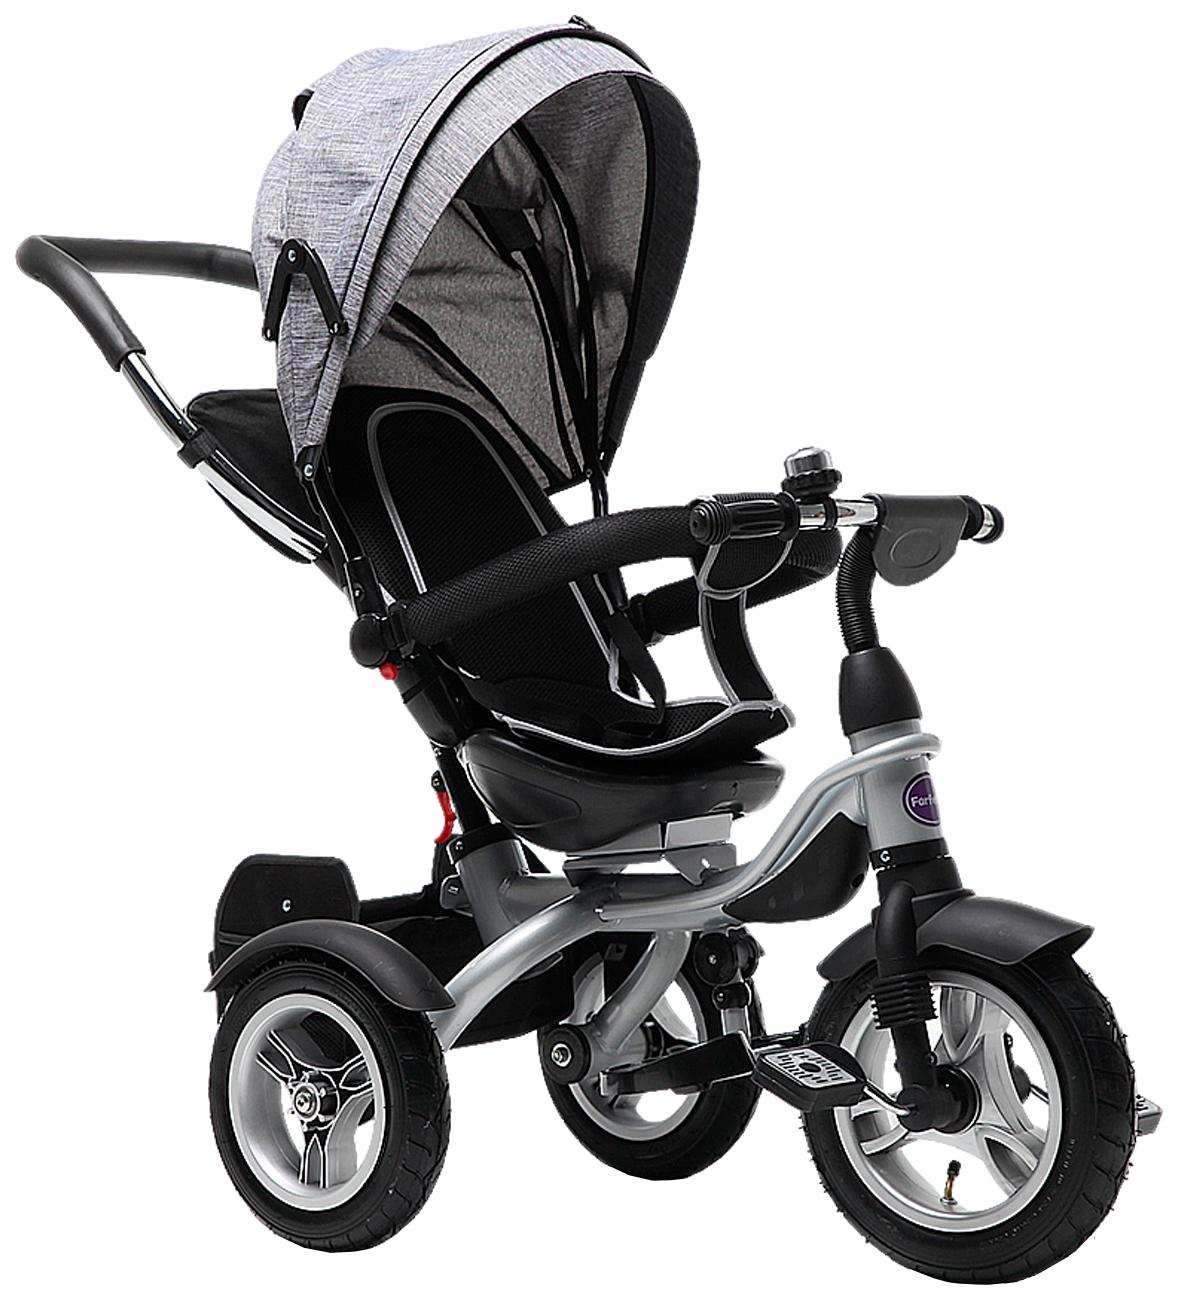 Купить Велосипед трехколесный Farfello TSTX6688-4 лен серый, Детские велосипеды-коляски